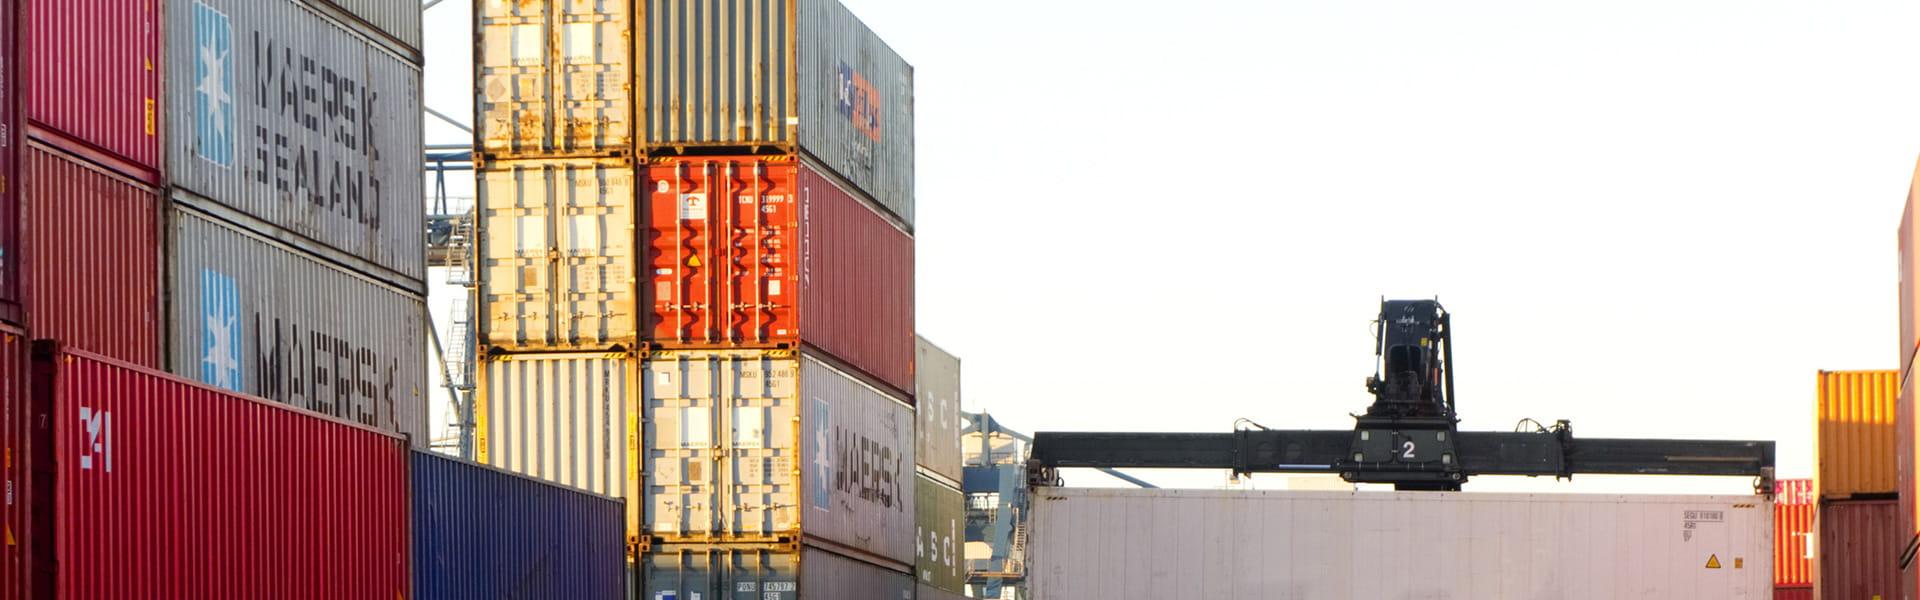 Container im Hafen